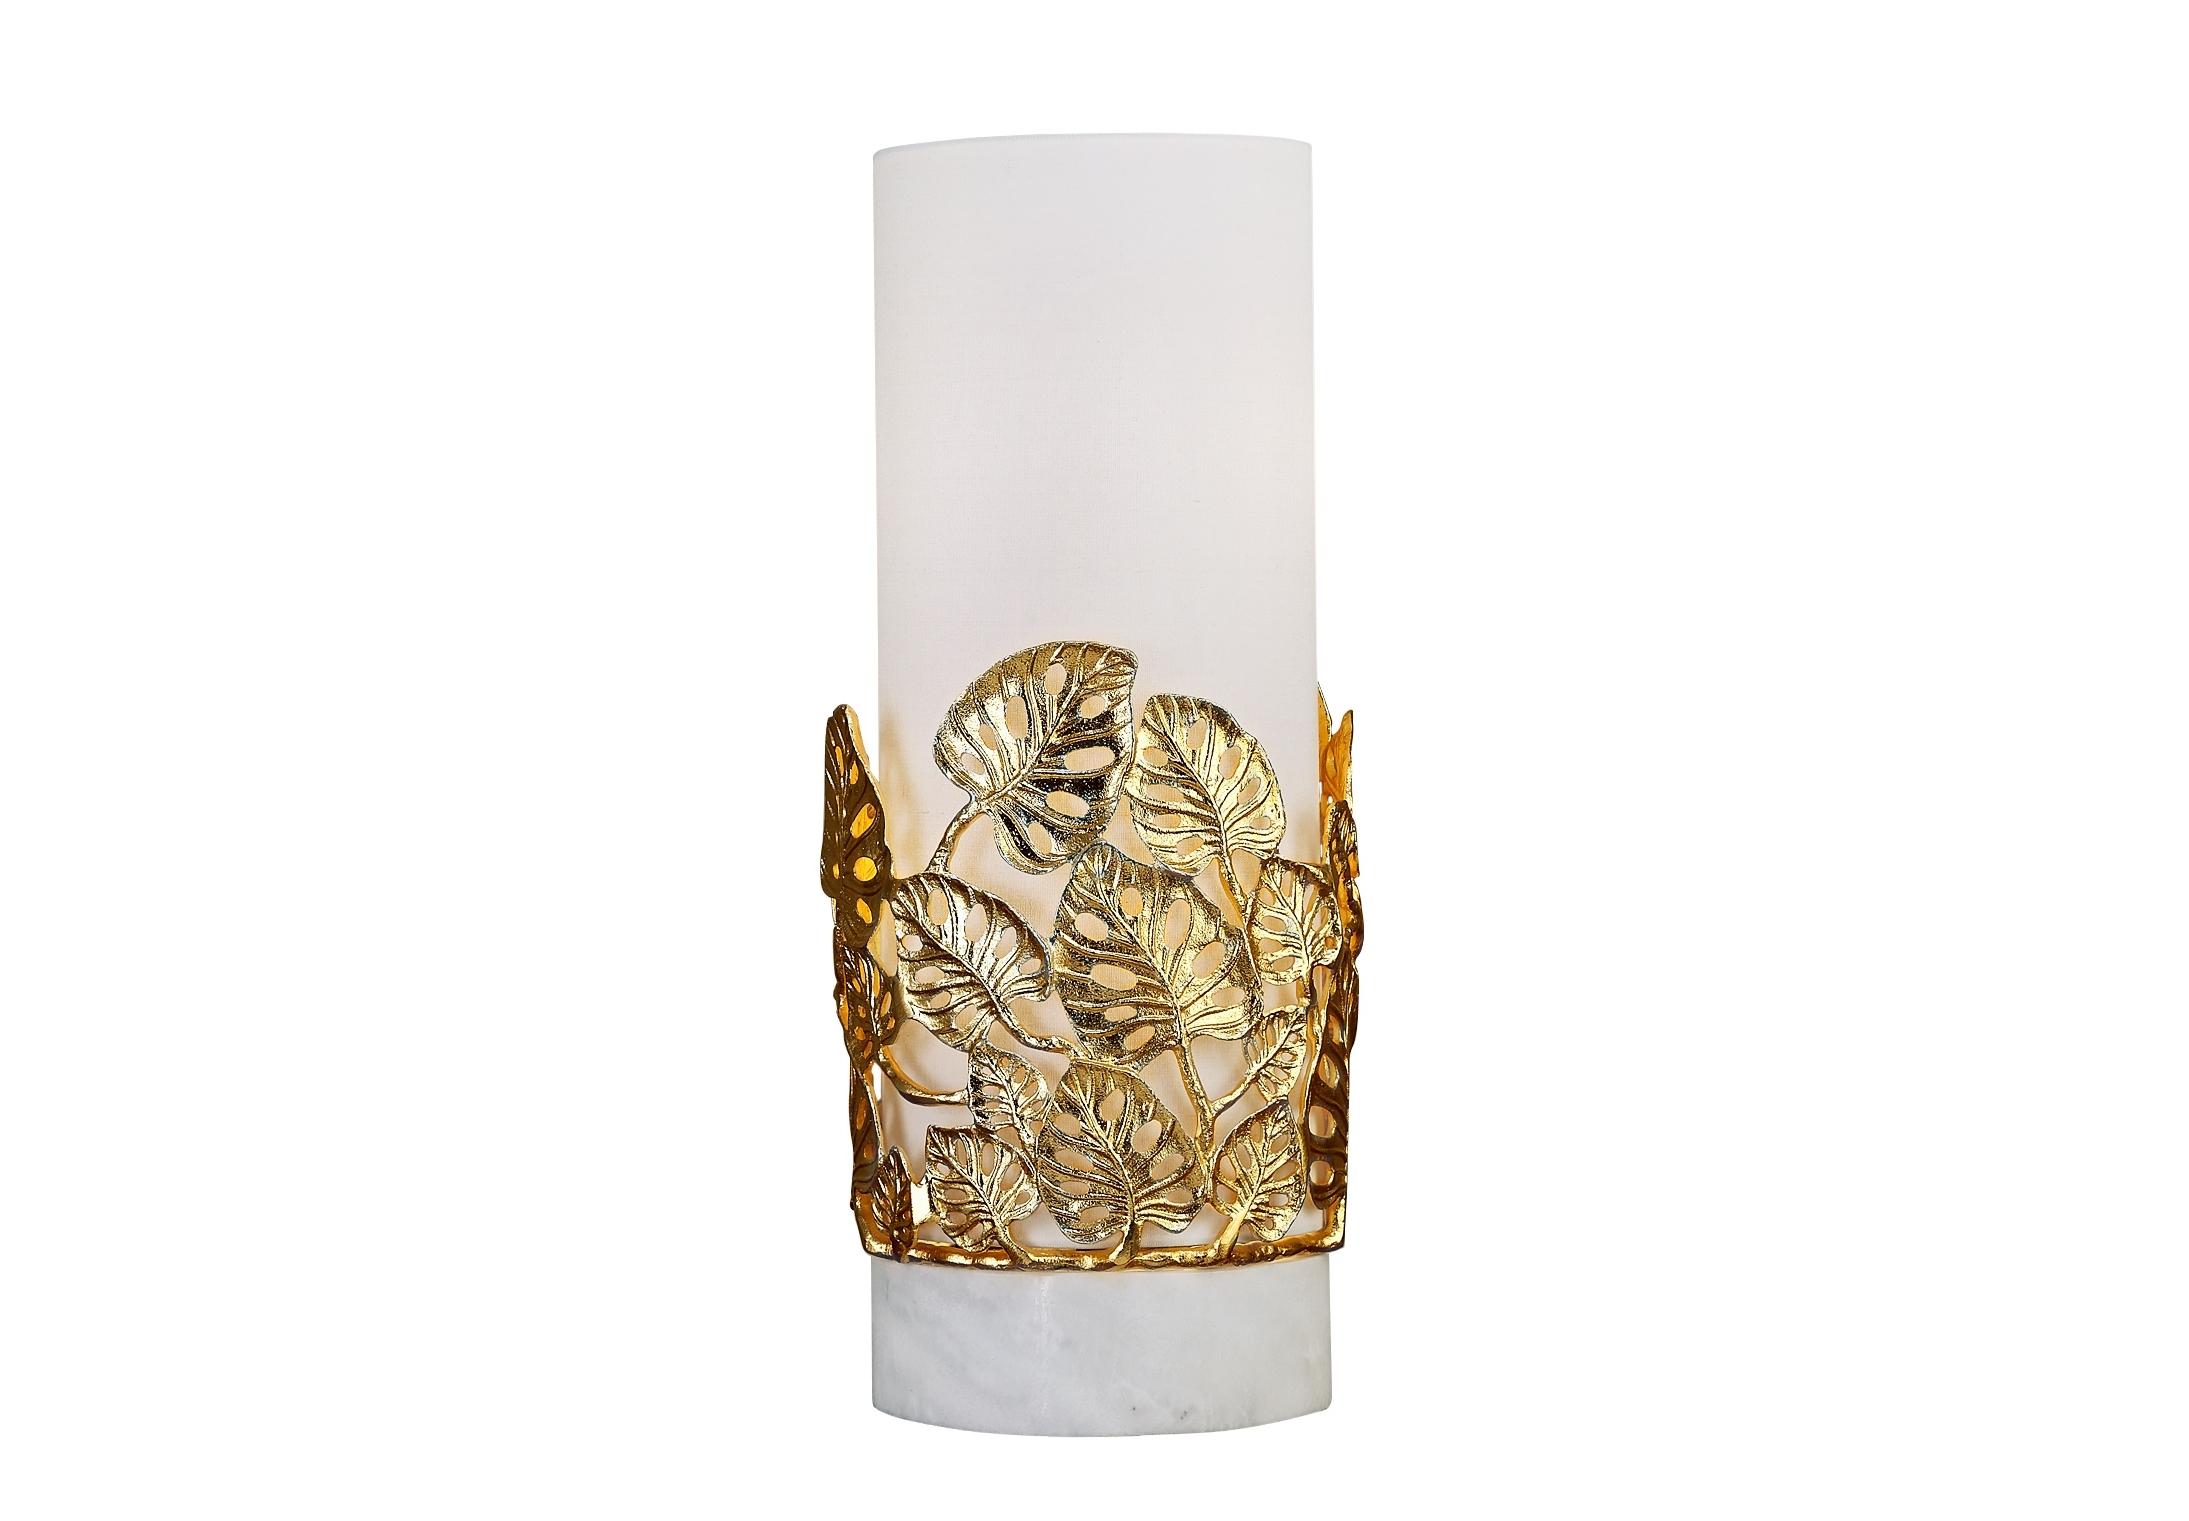 Светильник настольный PomeziaДекоративные лампы<br>&amp;lt;div&amp;gt;Настольная лампа с декоративными элементами в виде листочков золотистого цвета, &amp;amp;nbsp;литье из латуни, с тканевым абажуром молочного цвета и на подставке из натурального мрамора. В любом интерьере она будет стильным элементом декора.&amp;lt;/div&amp;gt;&amp;lt;div&amp;gt;&amp;lt;br&amp;gt;&amp;lt;/div&amp;gt;&amp;lt;div&amp;gt;Вид цоколя: E14&amp;lt;/div&amp;gt;&amp;lt;div&amp;gt;Мощность: 40W&amp;lt;/div&amp;gt;&amp;lt;div&amp;gt;Количество ламп: 2 (нет в комплекте)&amp;lt;/div&amp;gt;<br><br>Material: Латунь<br>Высота см: 66.0